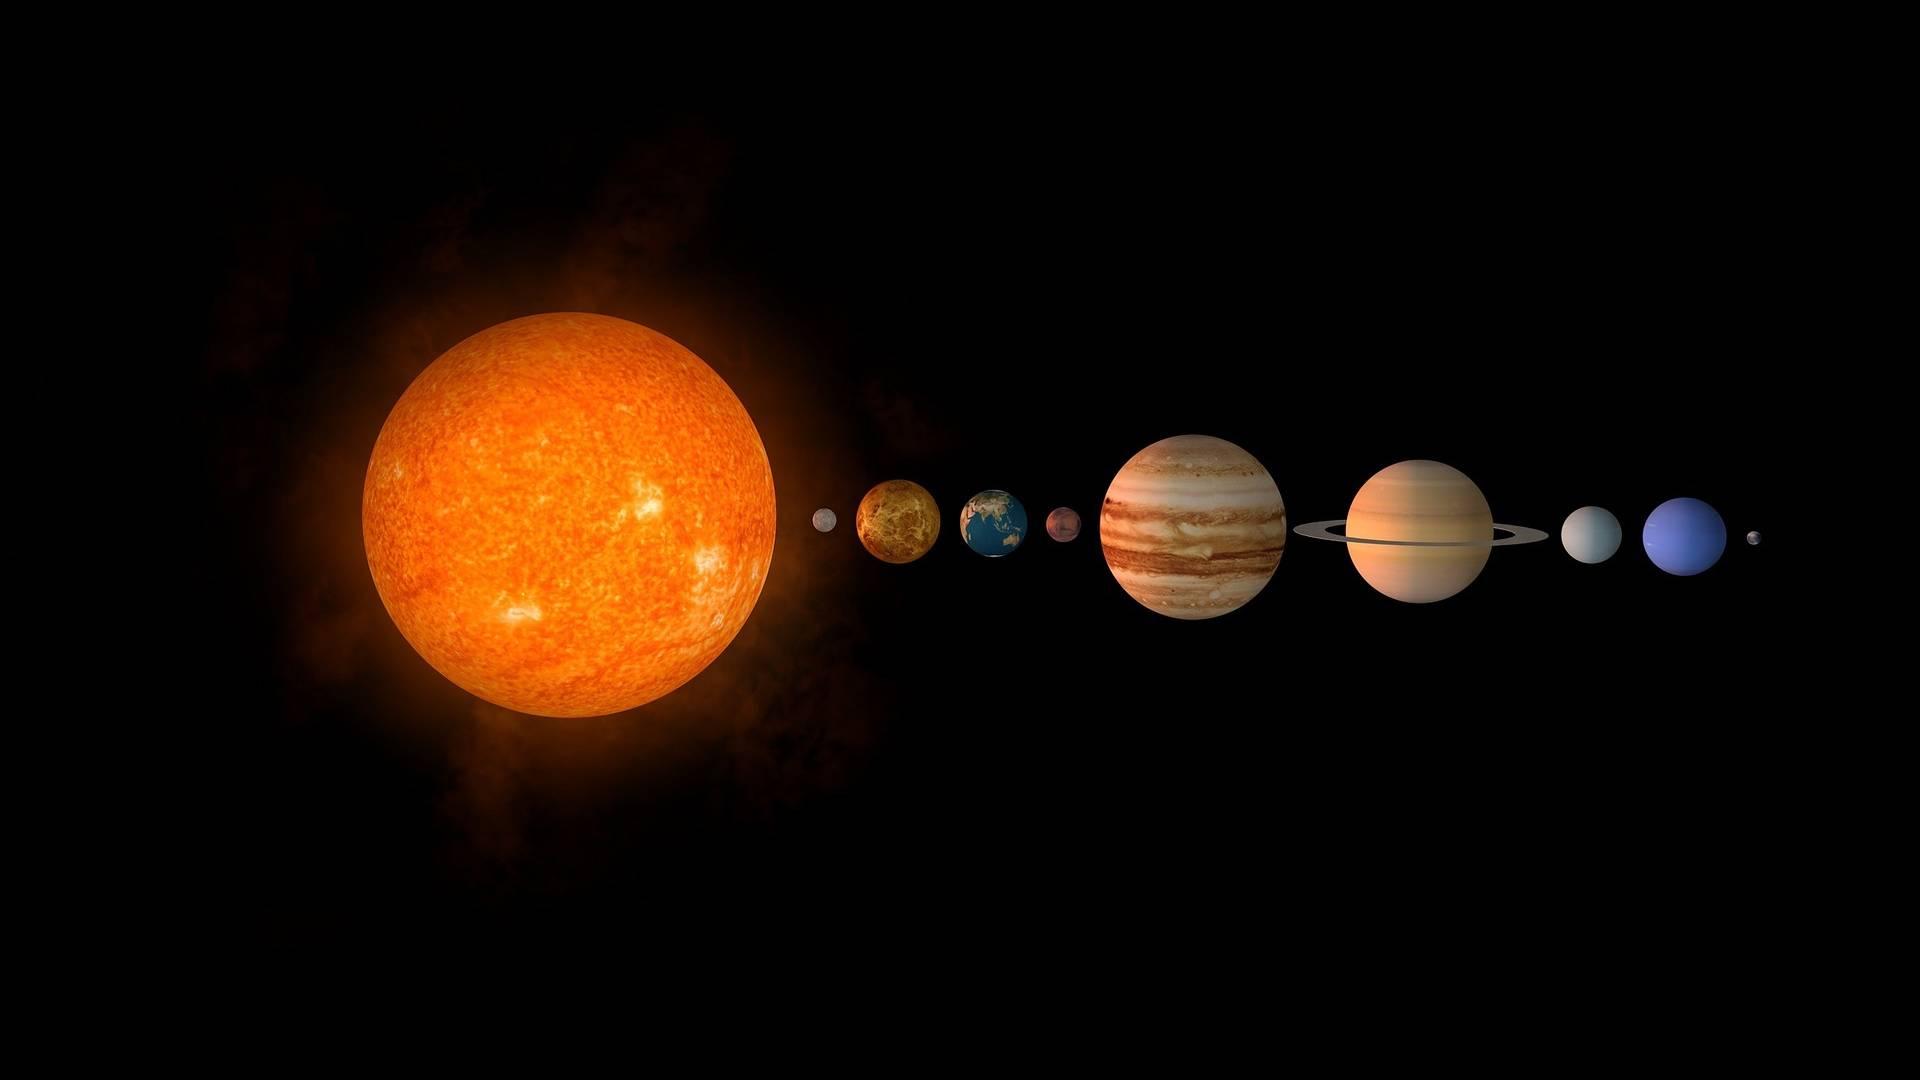 Es gibt einen neunten Planeten im Sonnensystem